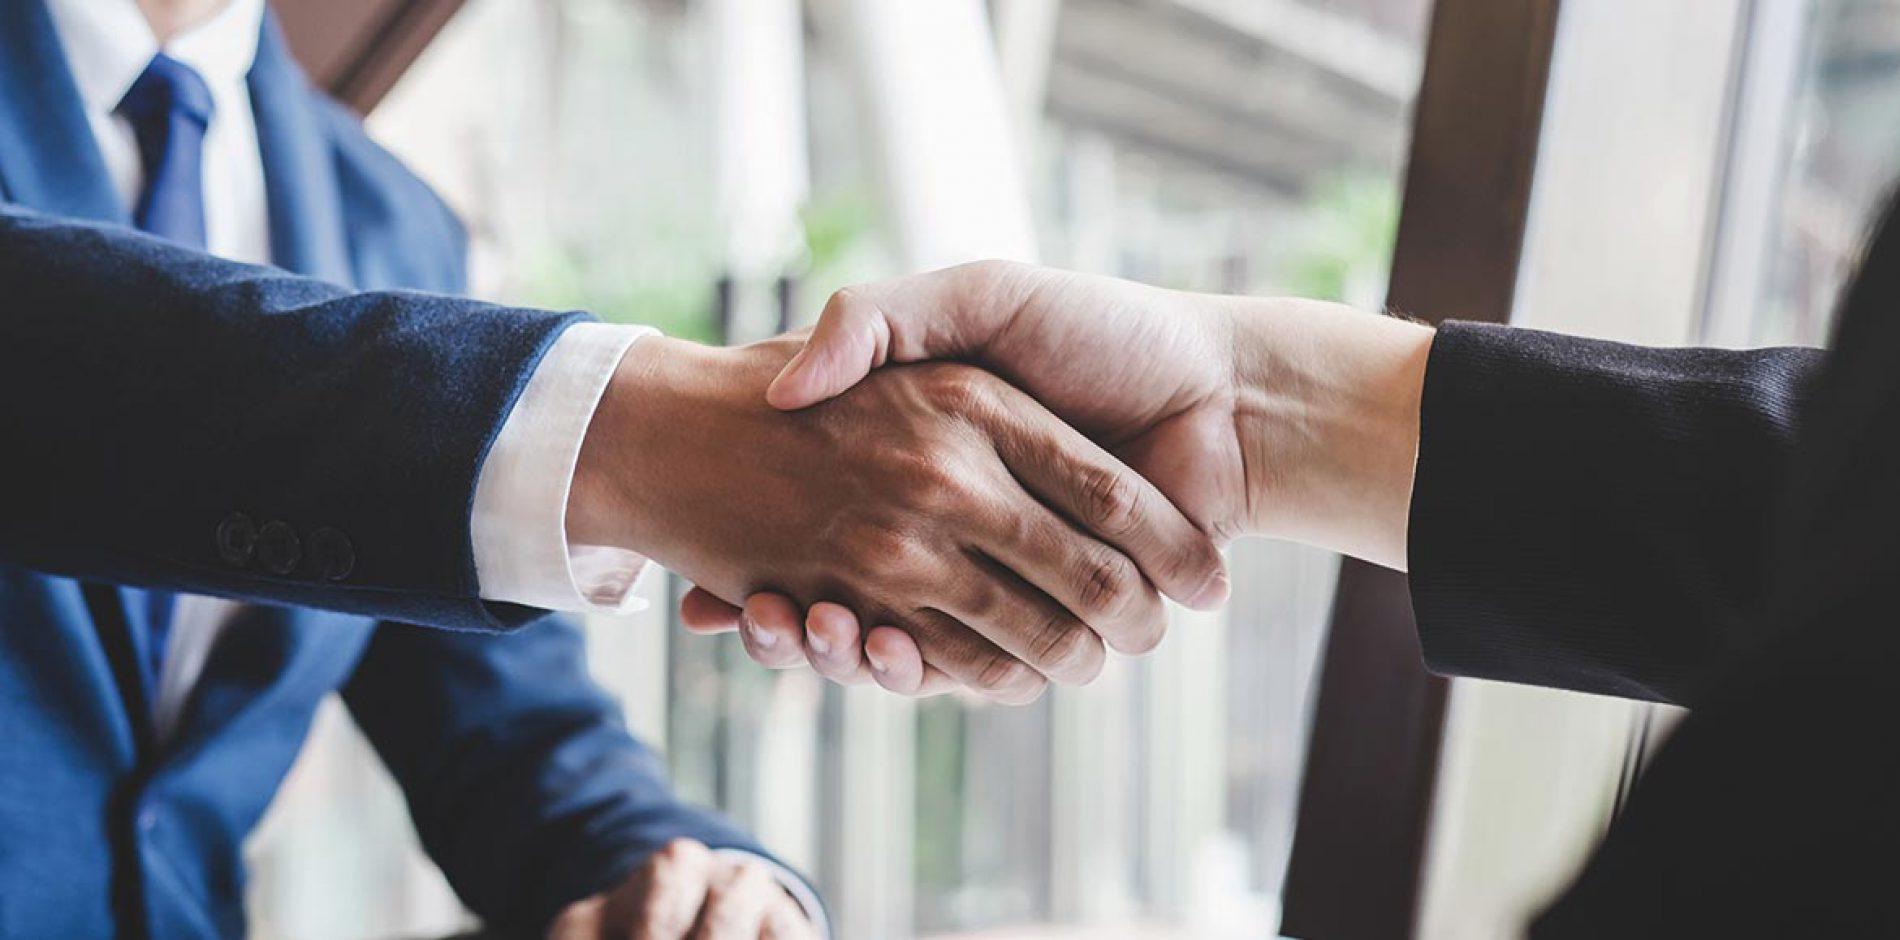 Accordo collettivo aziendale sugli esuberi di personale dopo il messaggio INPS [E.Massi]